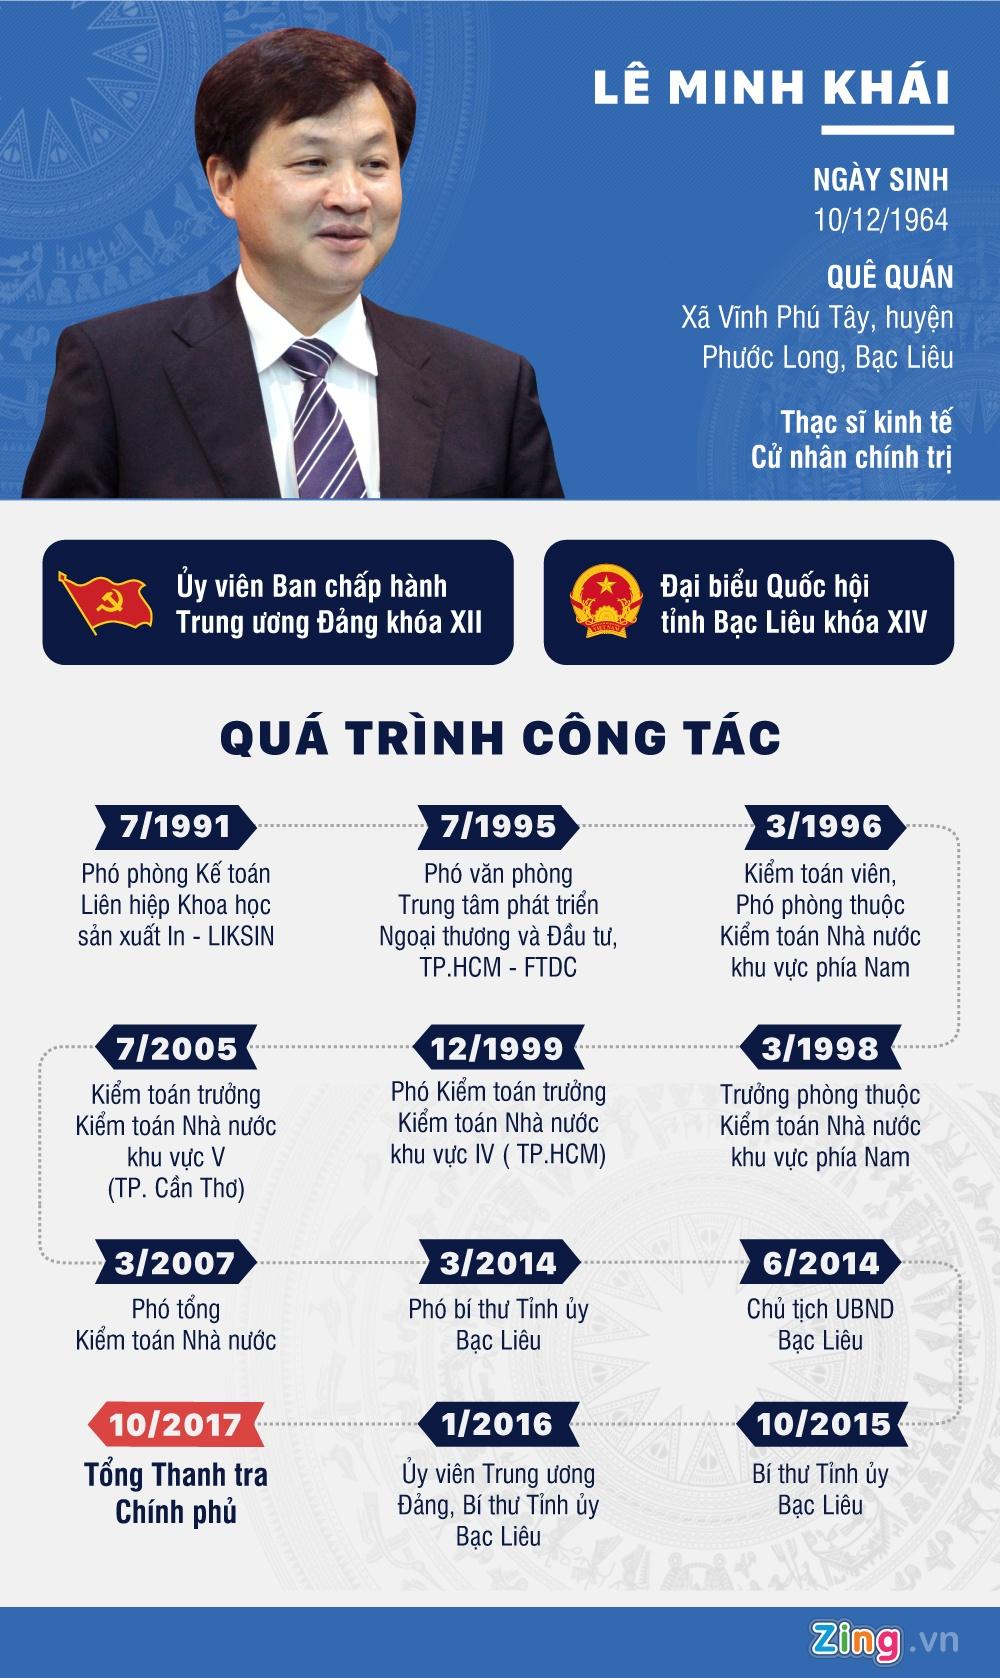 tieu su ong Le Minh Khai anh 1